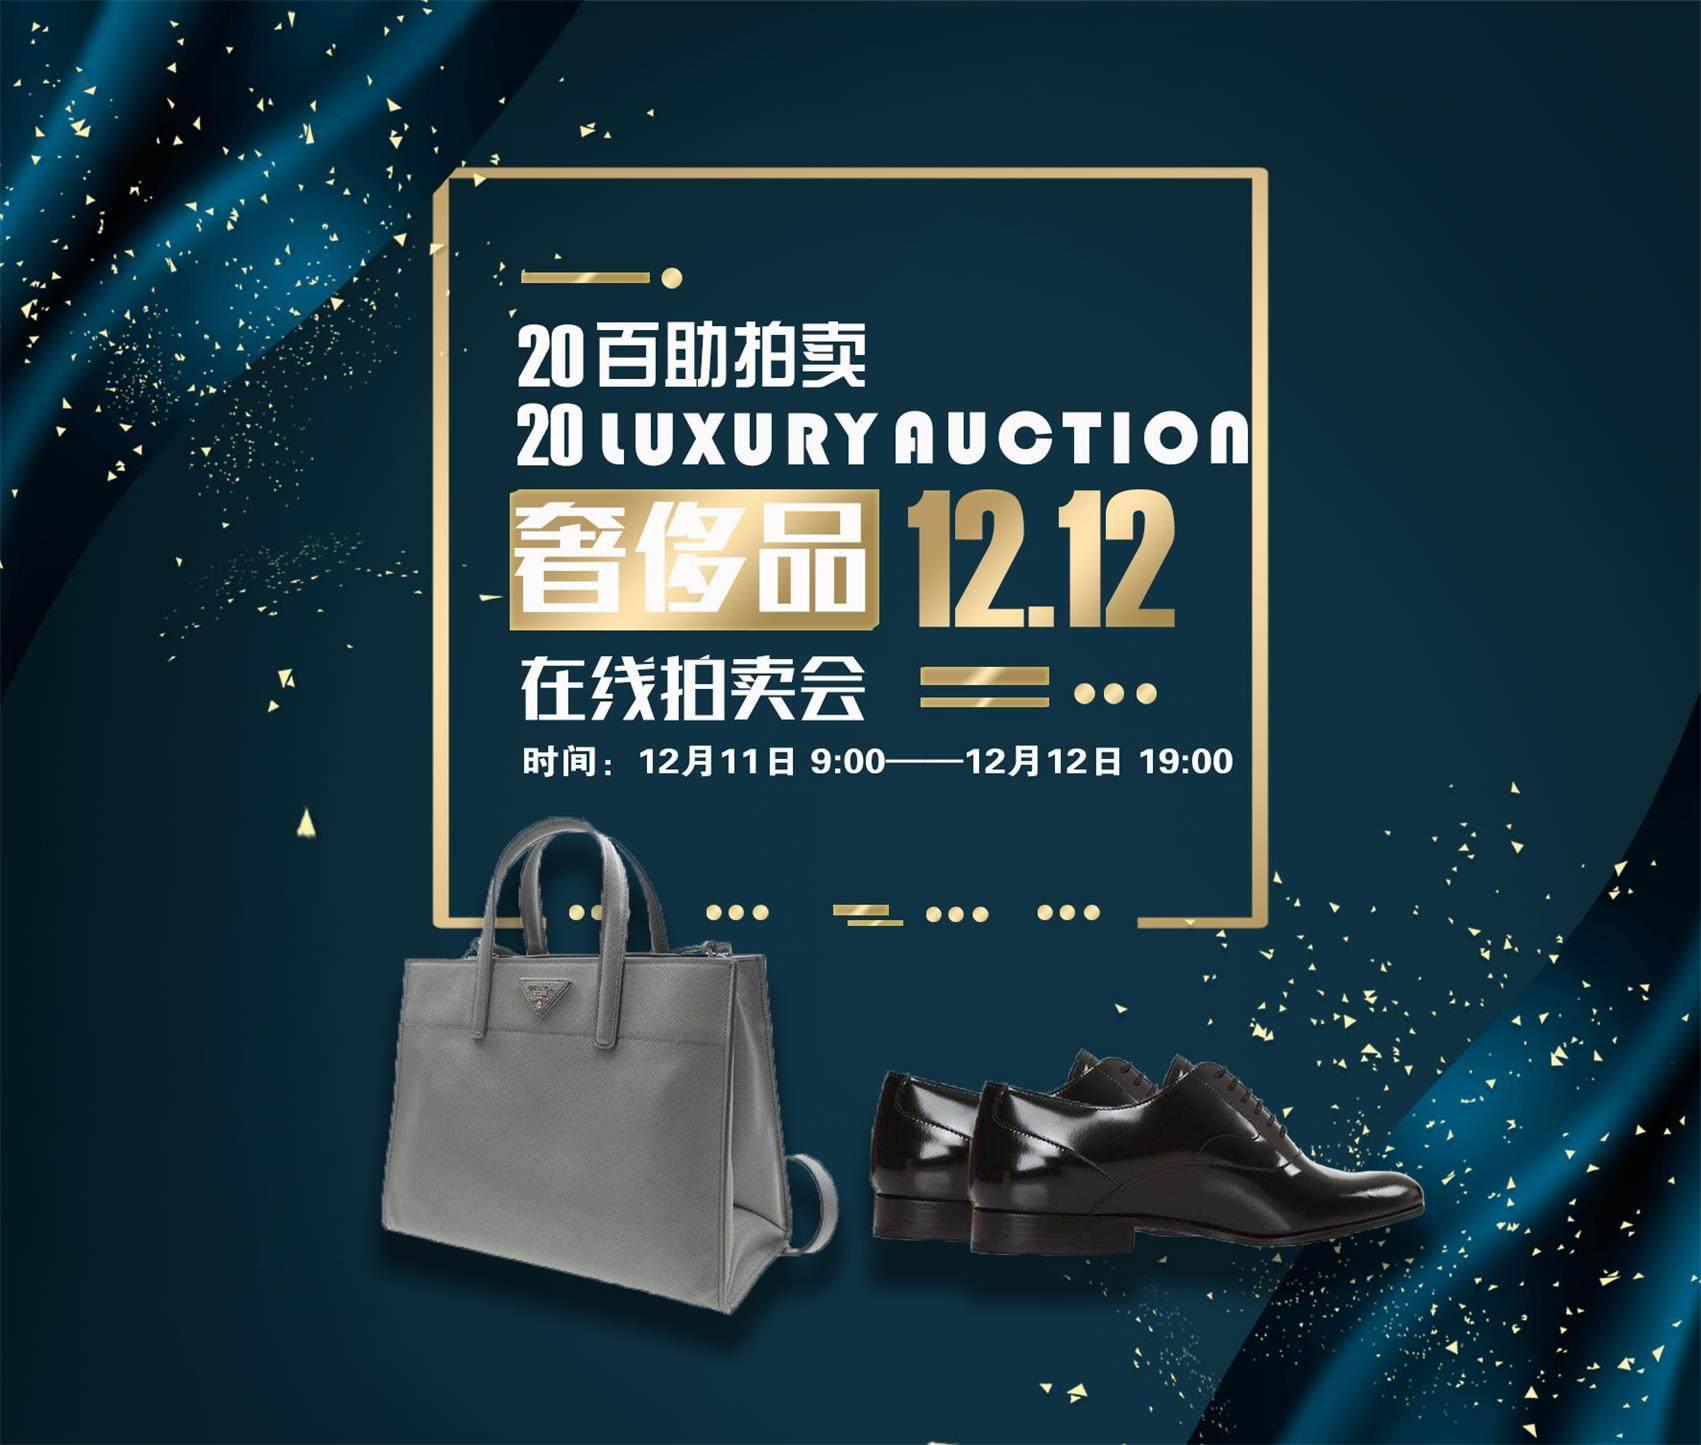 """百助拍卖定于2020年12月12日在""""公拍网""""资产频道(zc.gpai.net)上公开举行2场奢侈品拍卖会。"""